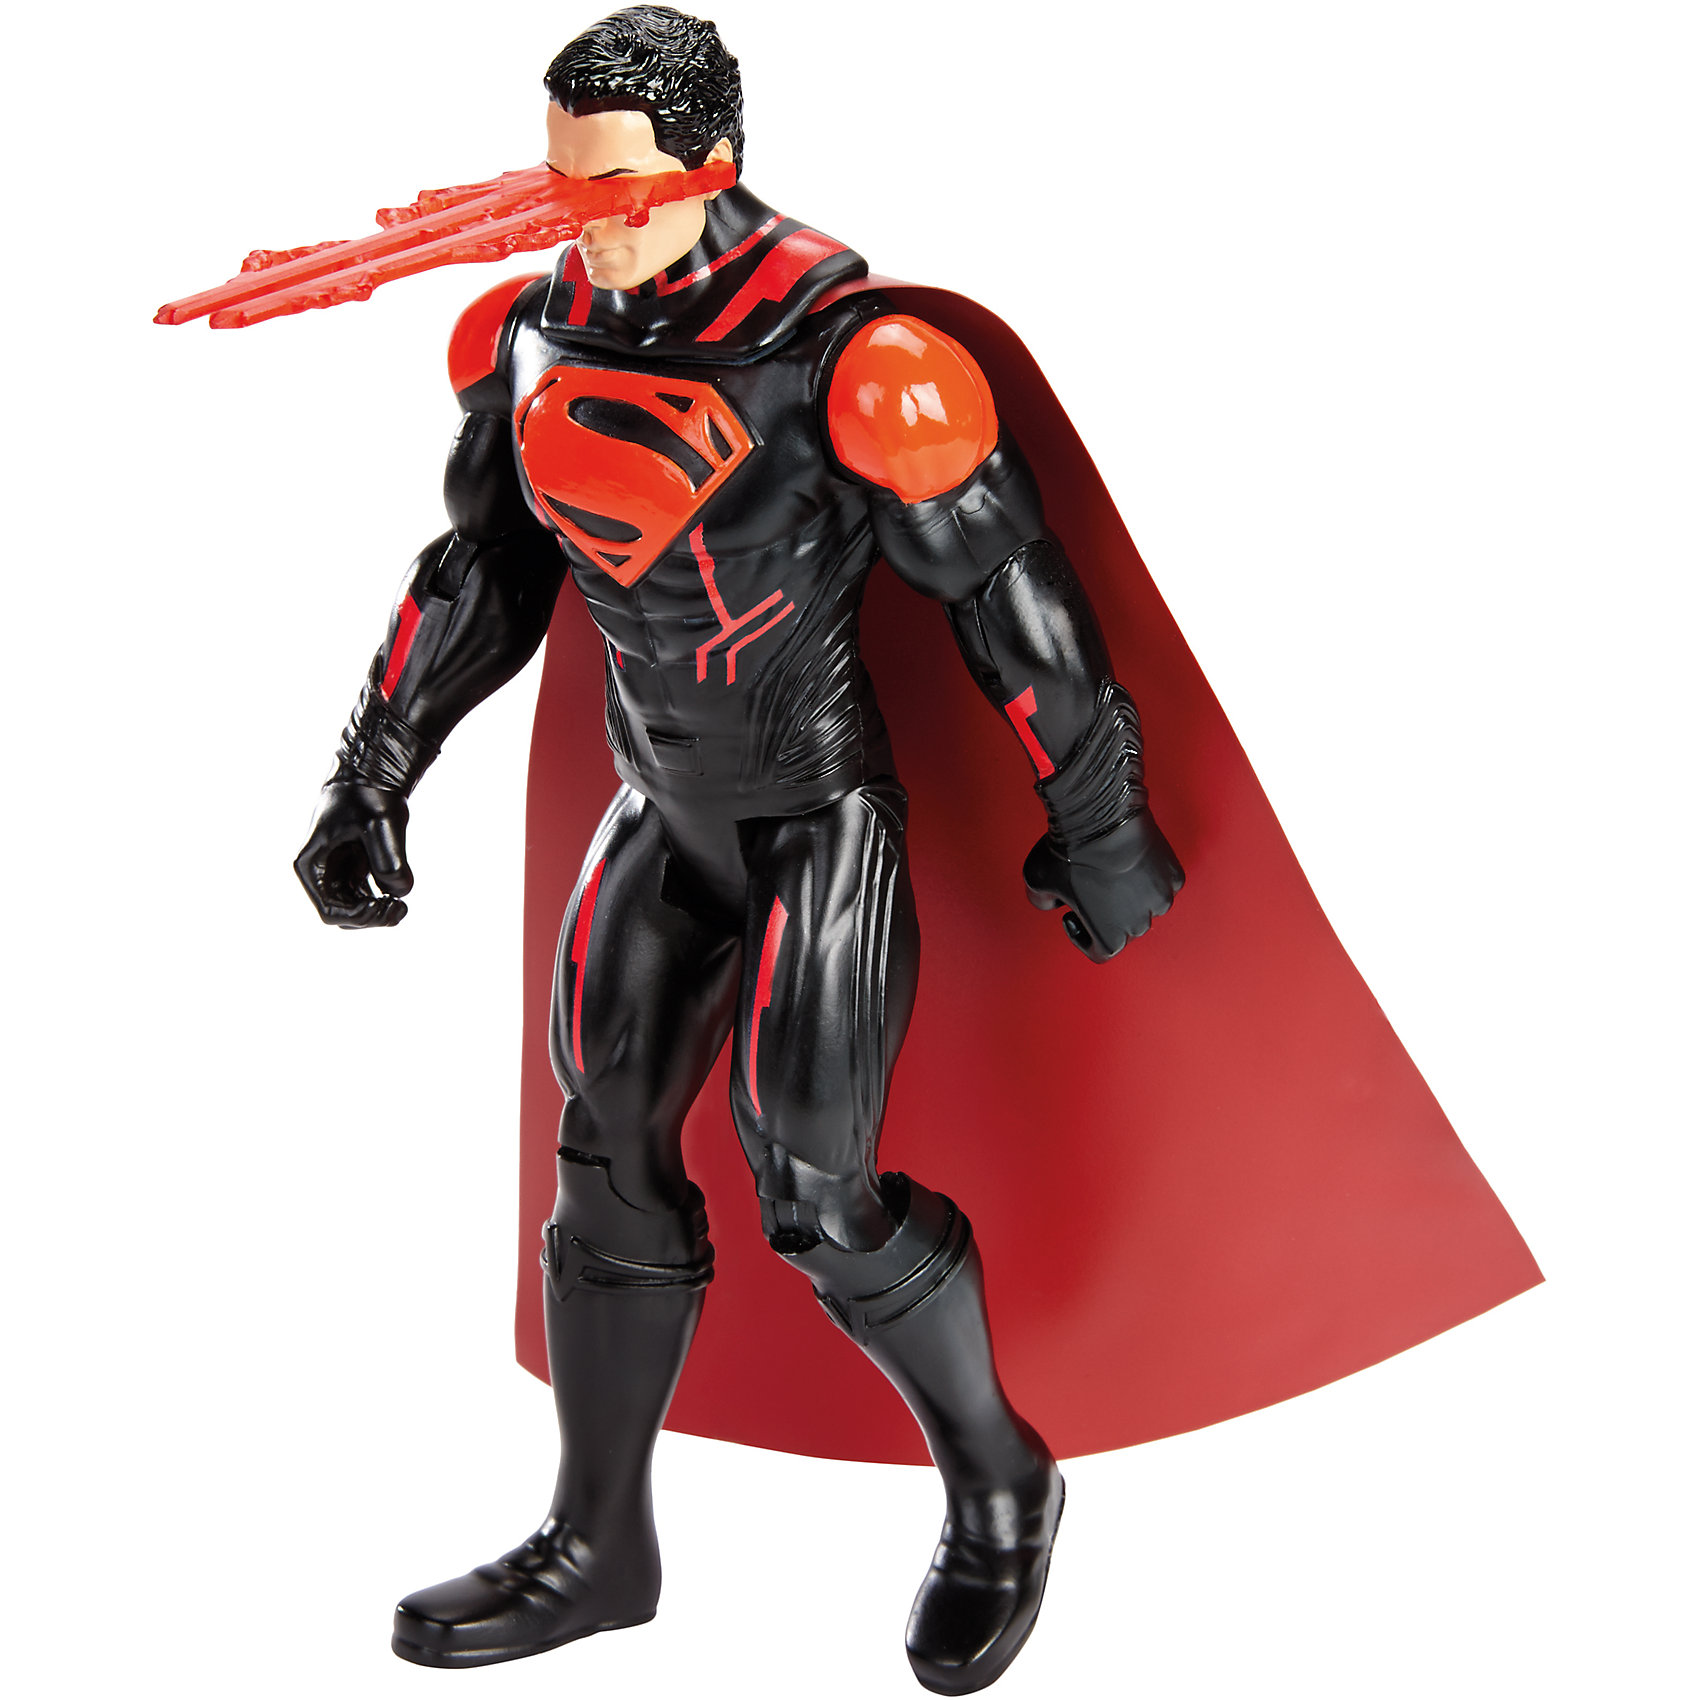 Фигурки Бэтмен против Супермена  15 смБэтмен<br>Новые фигурки любимых персонажей из серии «Бэтмен против Супермена: На заре справедливости» приведут в восторг всех поклонников Marvel. Фигурки прекрасно детализированы и реалистично раскрашены, очень похожи на своих прототипов из комиксов. Игрушки выполнены из высококачественного пластика, раскрашены экологичными гипоаллергенными красителями.<br><br>Дополнительная информация:<br><br>- Материал: пластик.<br>- Размер фигурки: 15 см. <br>- Голова, руки, ноги подвижные.<br>- Прекрасно детализированы.<br>- В ассортименте: Бэтмен, Супермен.<br>ВНИМАНИЕ! Данный артикул представлен в разных вариантах исполнения. К сожалению, заранее выбрать определенный вариант невозможно. При заказе нескольких фигурок, возможно получение одинаковых.<br><br>Фигурки Бэтмен против Супермена в ассортименте, 15 см, можно купить в нашем магазине.<br><br>Ширина мм: 45<br>Глубина мм: 165<br>Высота мм: 265<br>Вес г: 180<br>Возраст от месяцев: 36<br>Возраст до месяцев: 144<br>Пол: Мужской<br>Возраст: Детский<br>SKU: 4556237